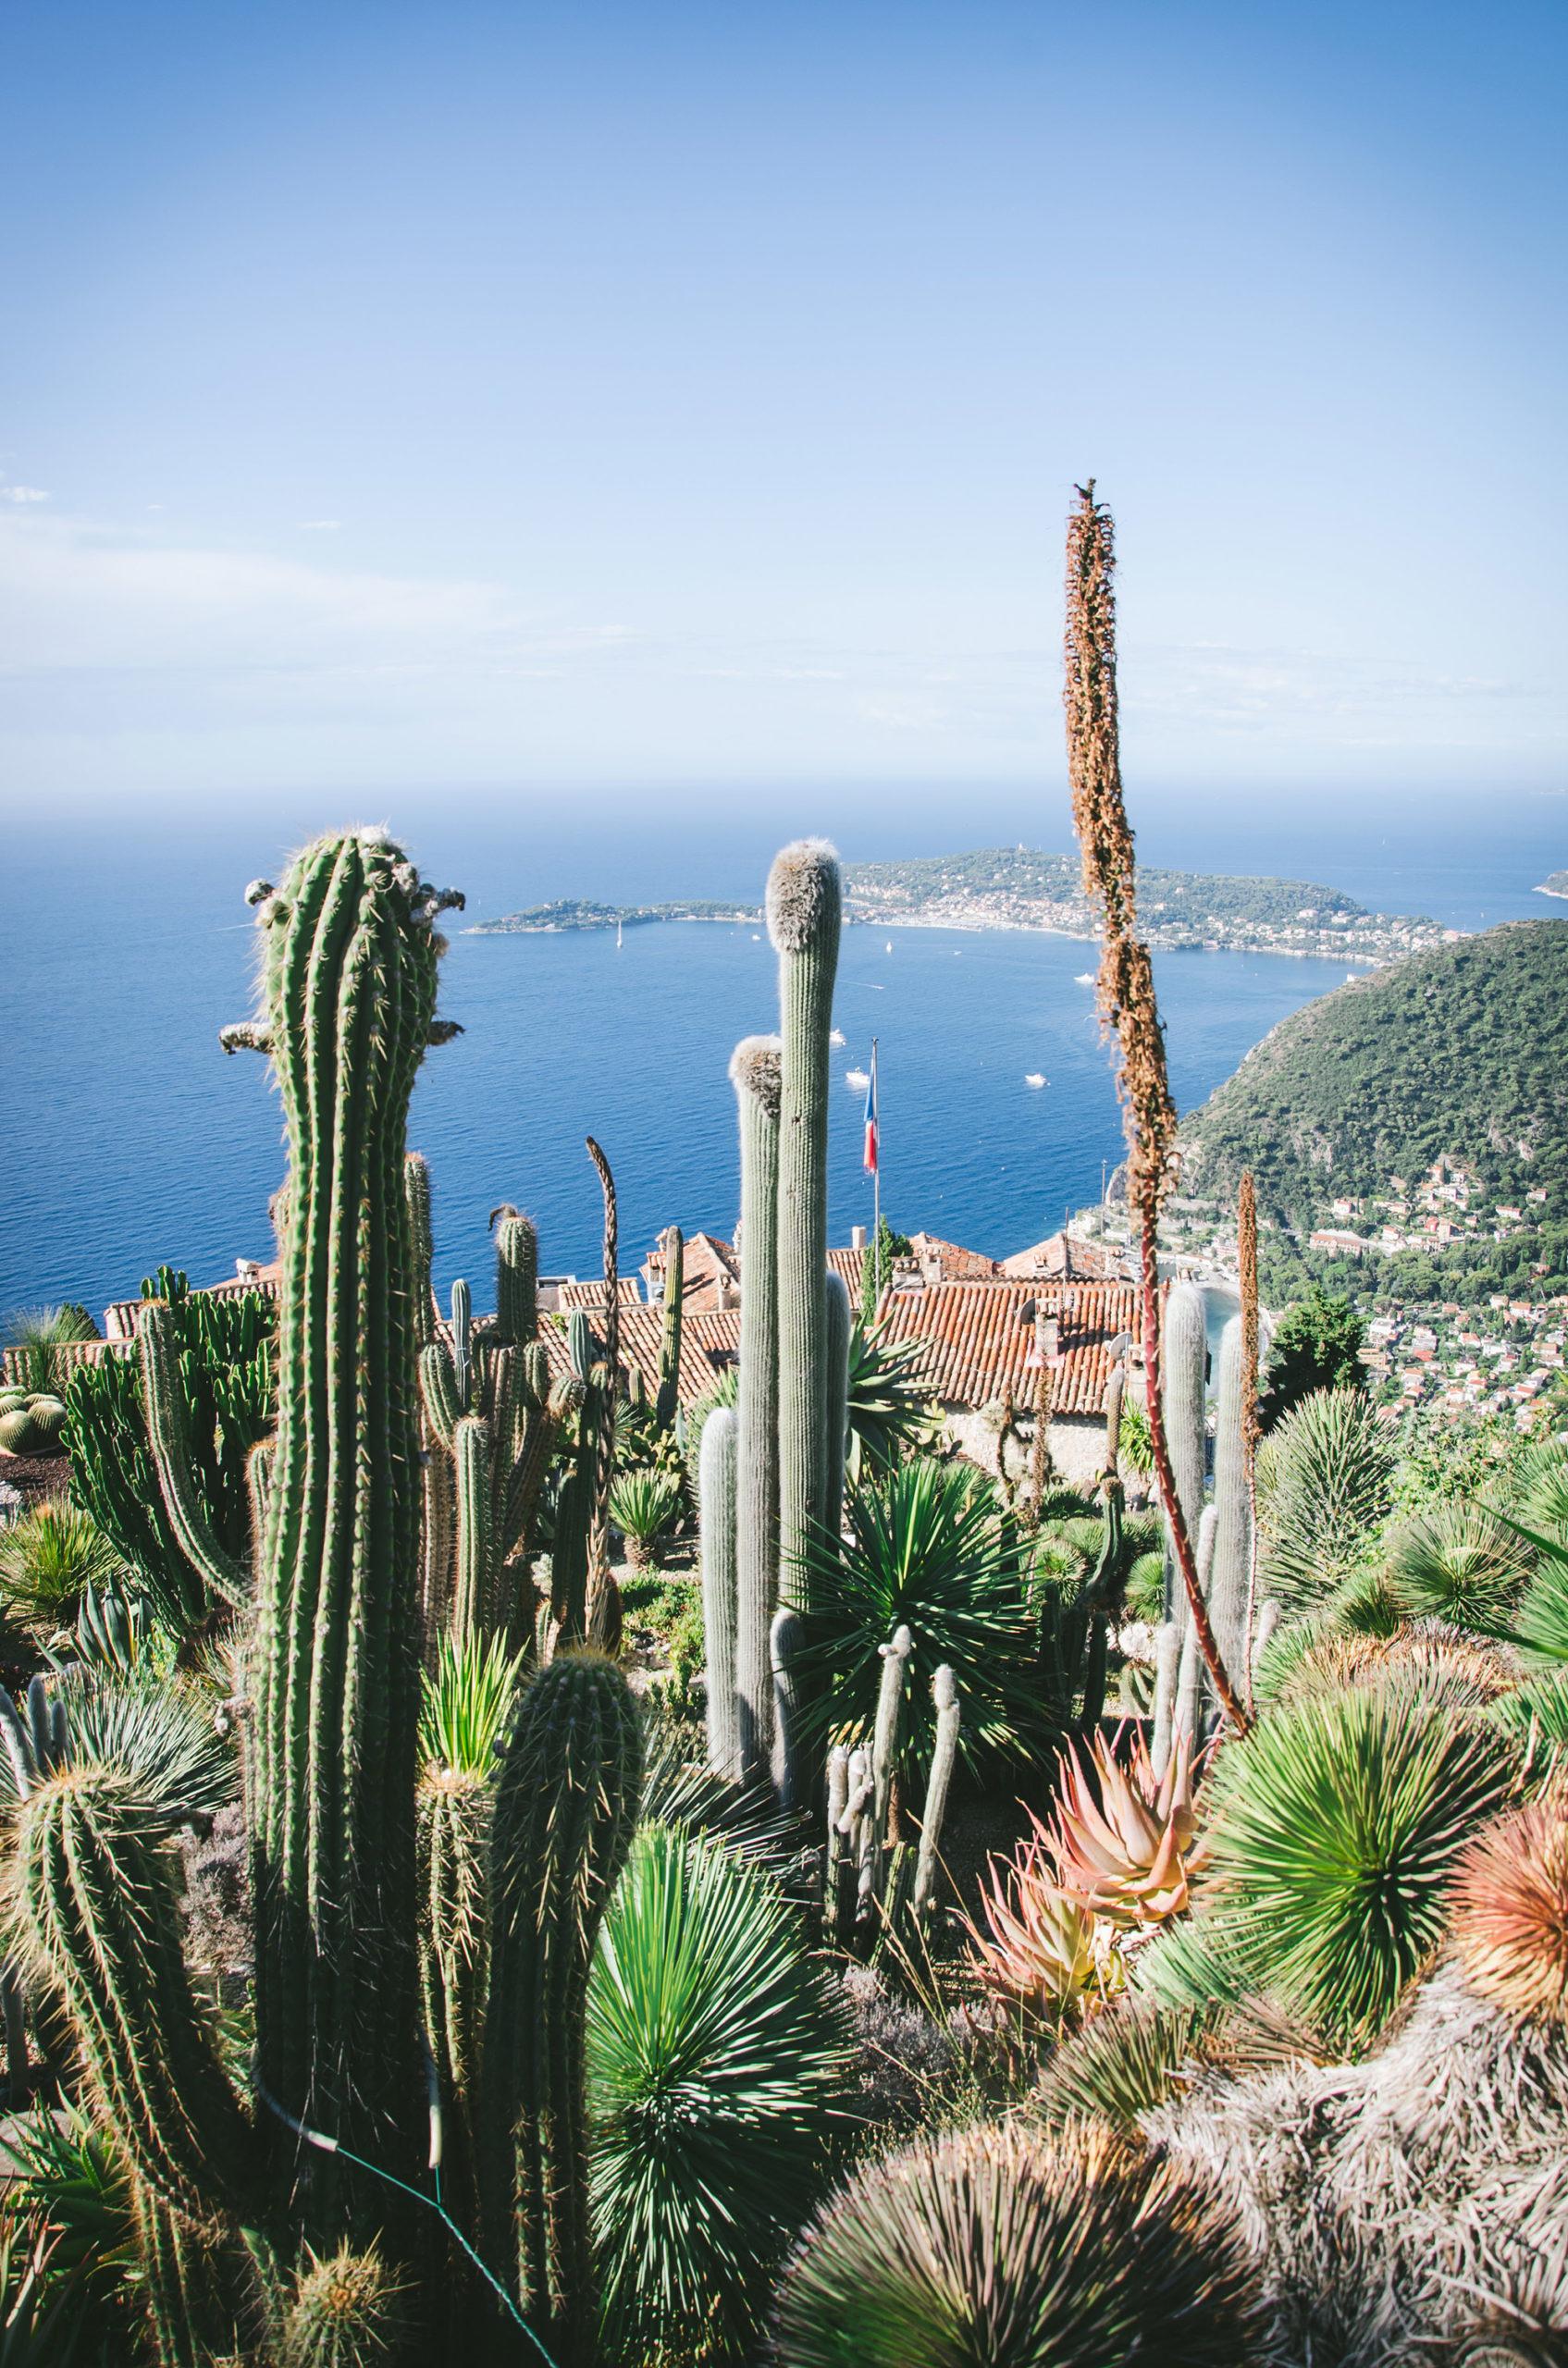 5 choses à faire sans voiture dans la Riviera autour de Nice - Jardin botanique Eze